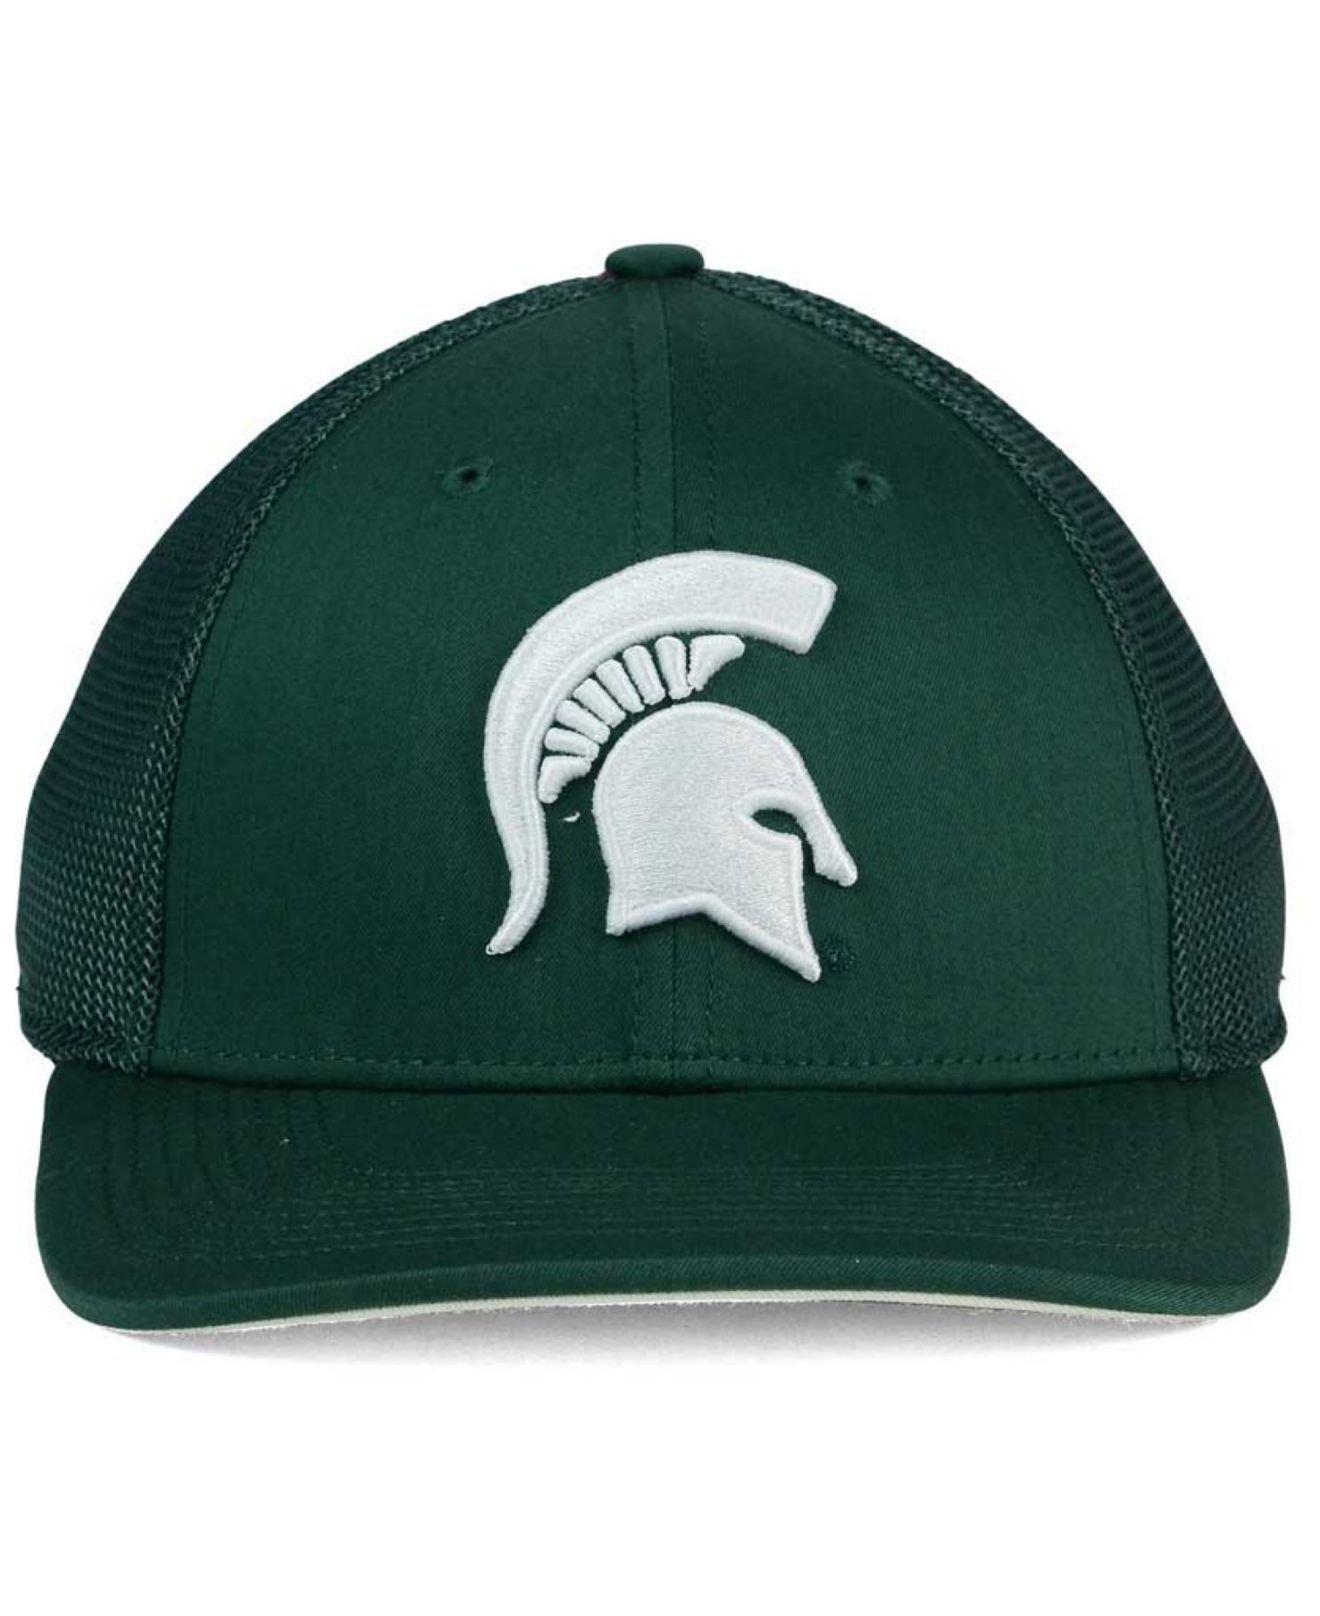 Lyst - Nike Michigan State Spartans L91 Mesh Swoosh Flex Cap in White dda3e161f3df